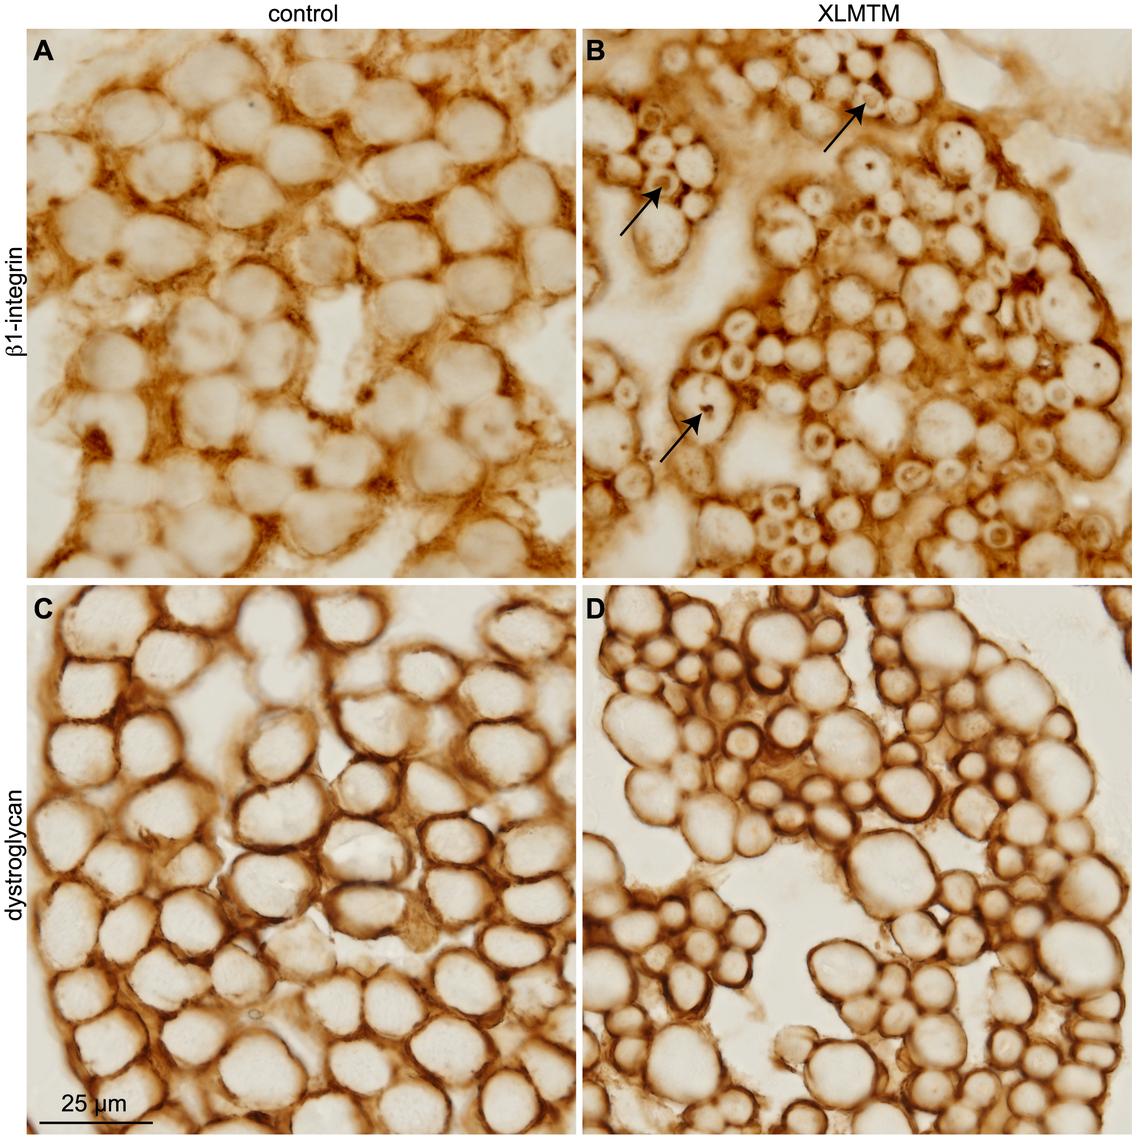 β1-integrin is mislocalized to perinuclear inclusions in XLMTM myopathy.